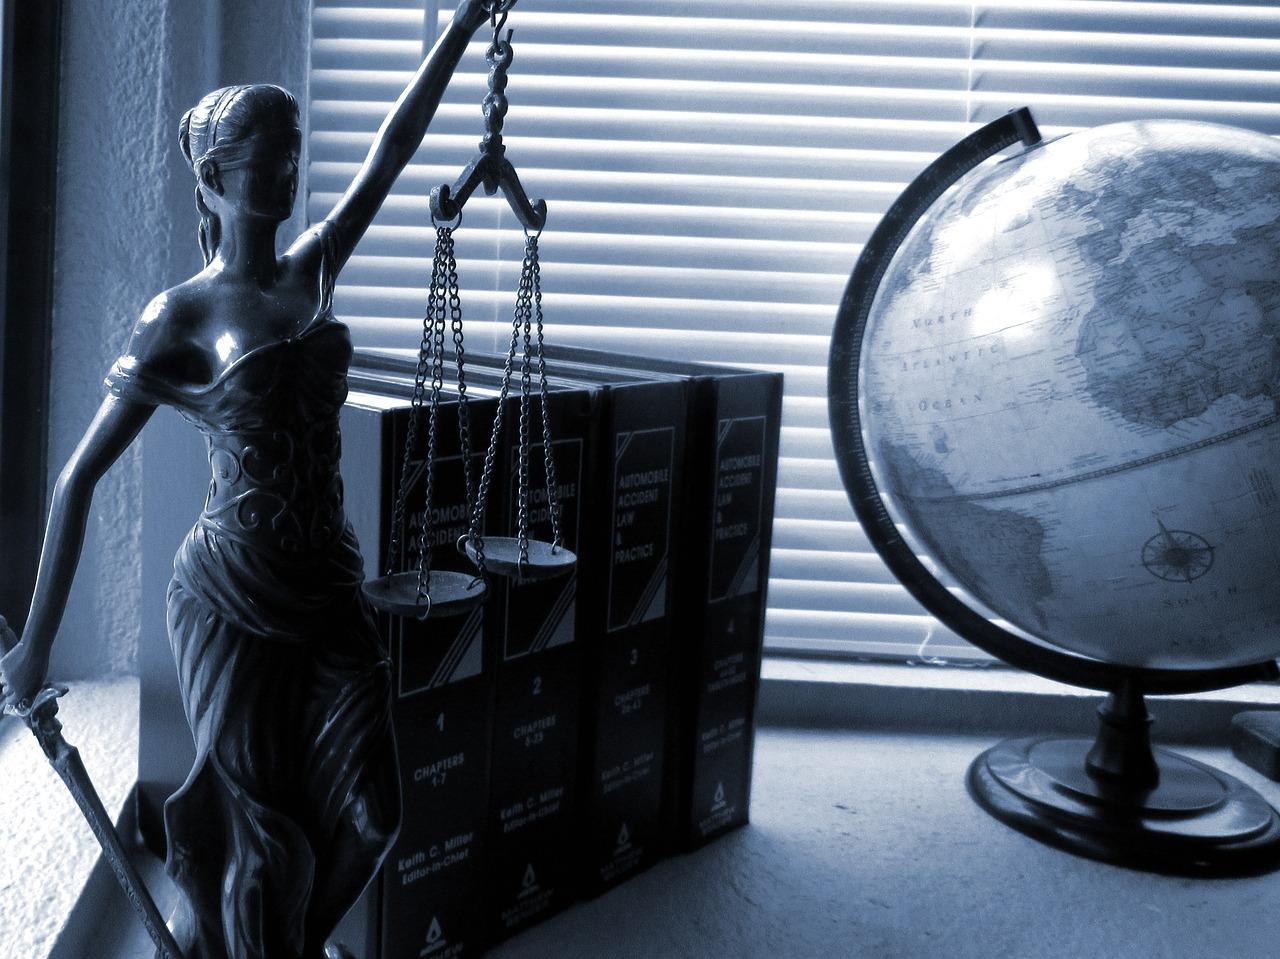 Prawnik - jak wybrać najlepszego adwokata?